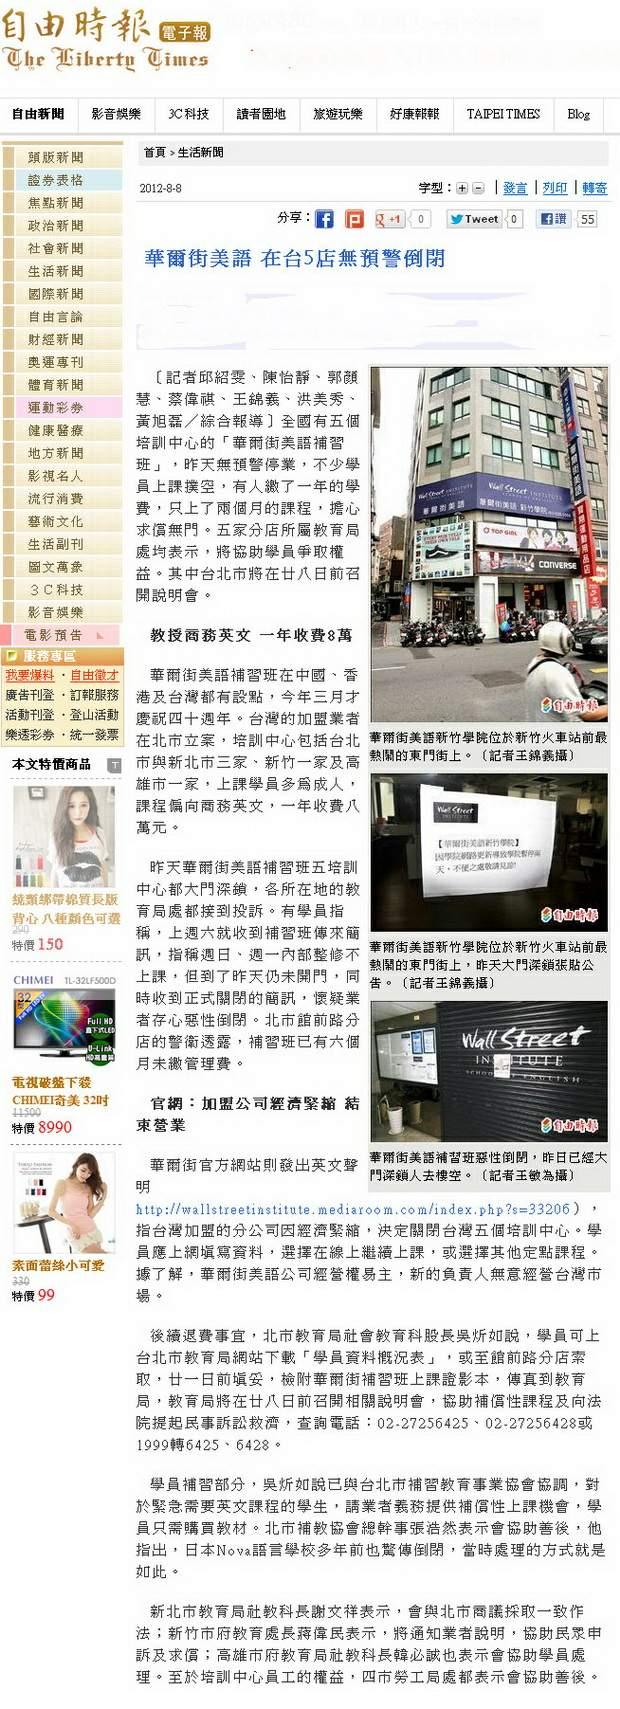 華爾街美語 在台5店無預警倒閉-2012.08.08